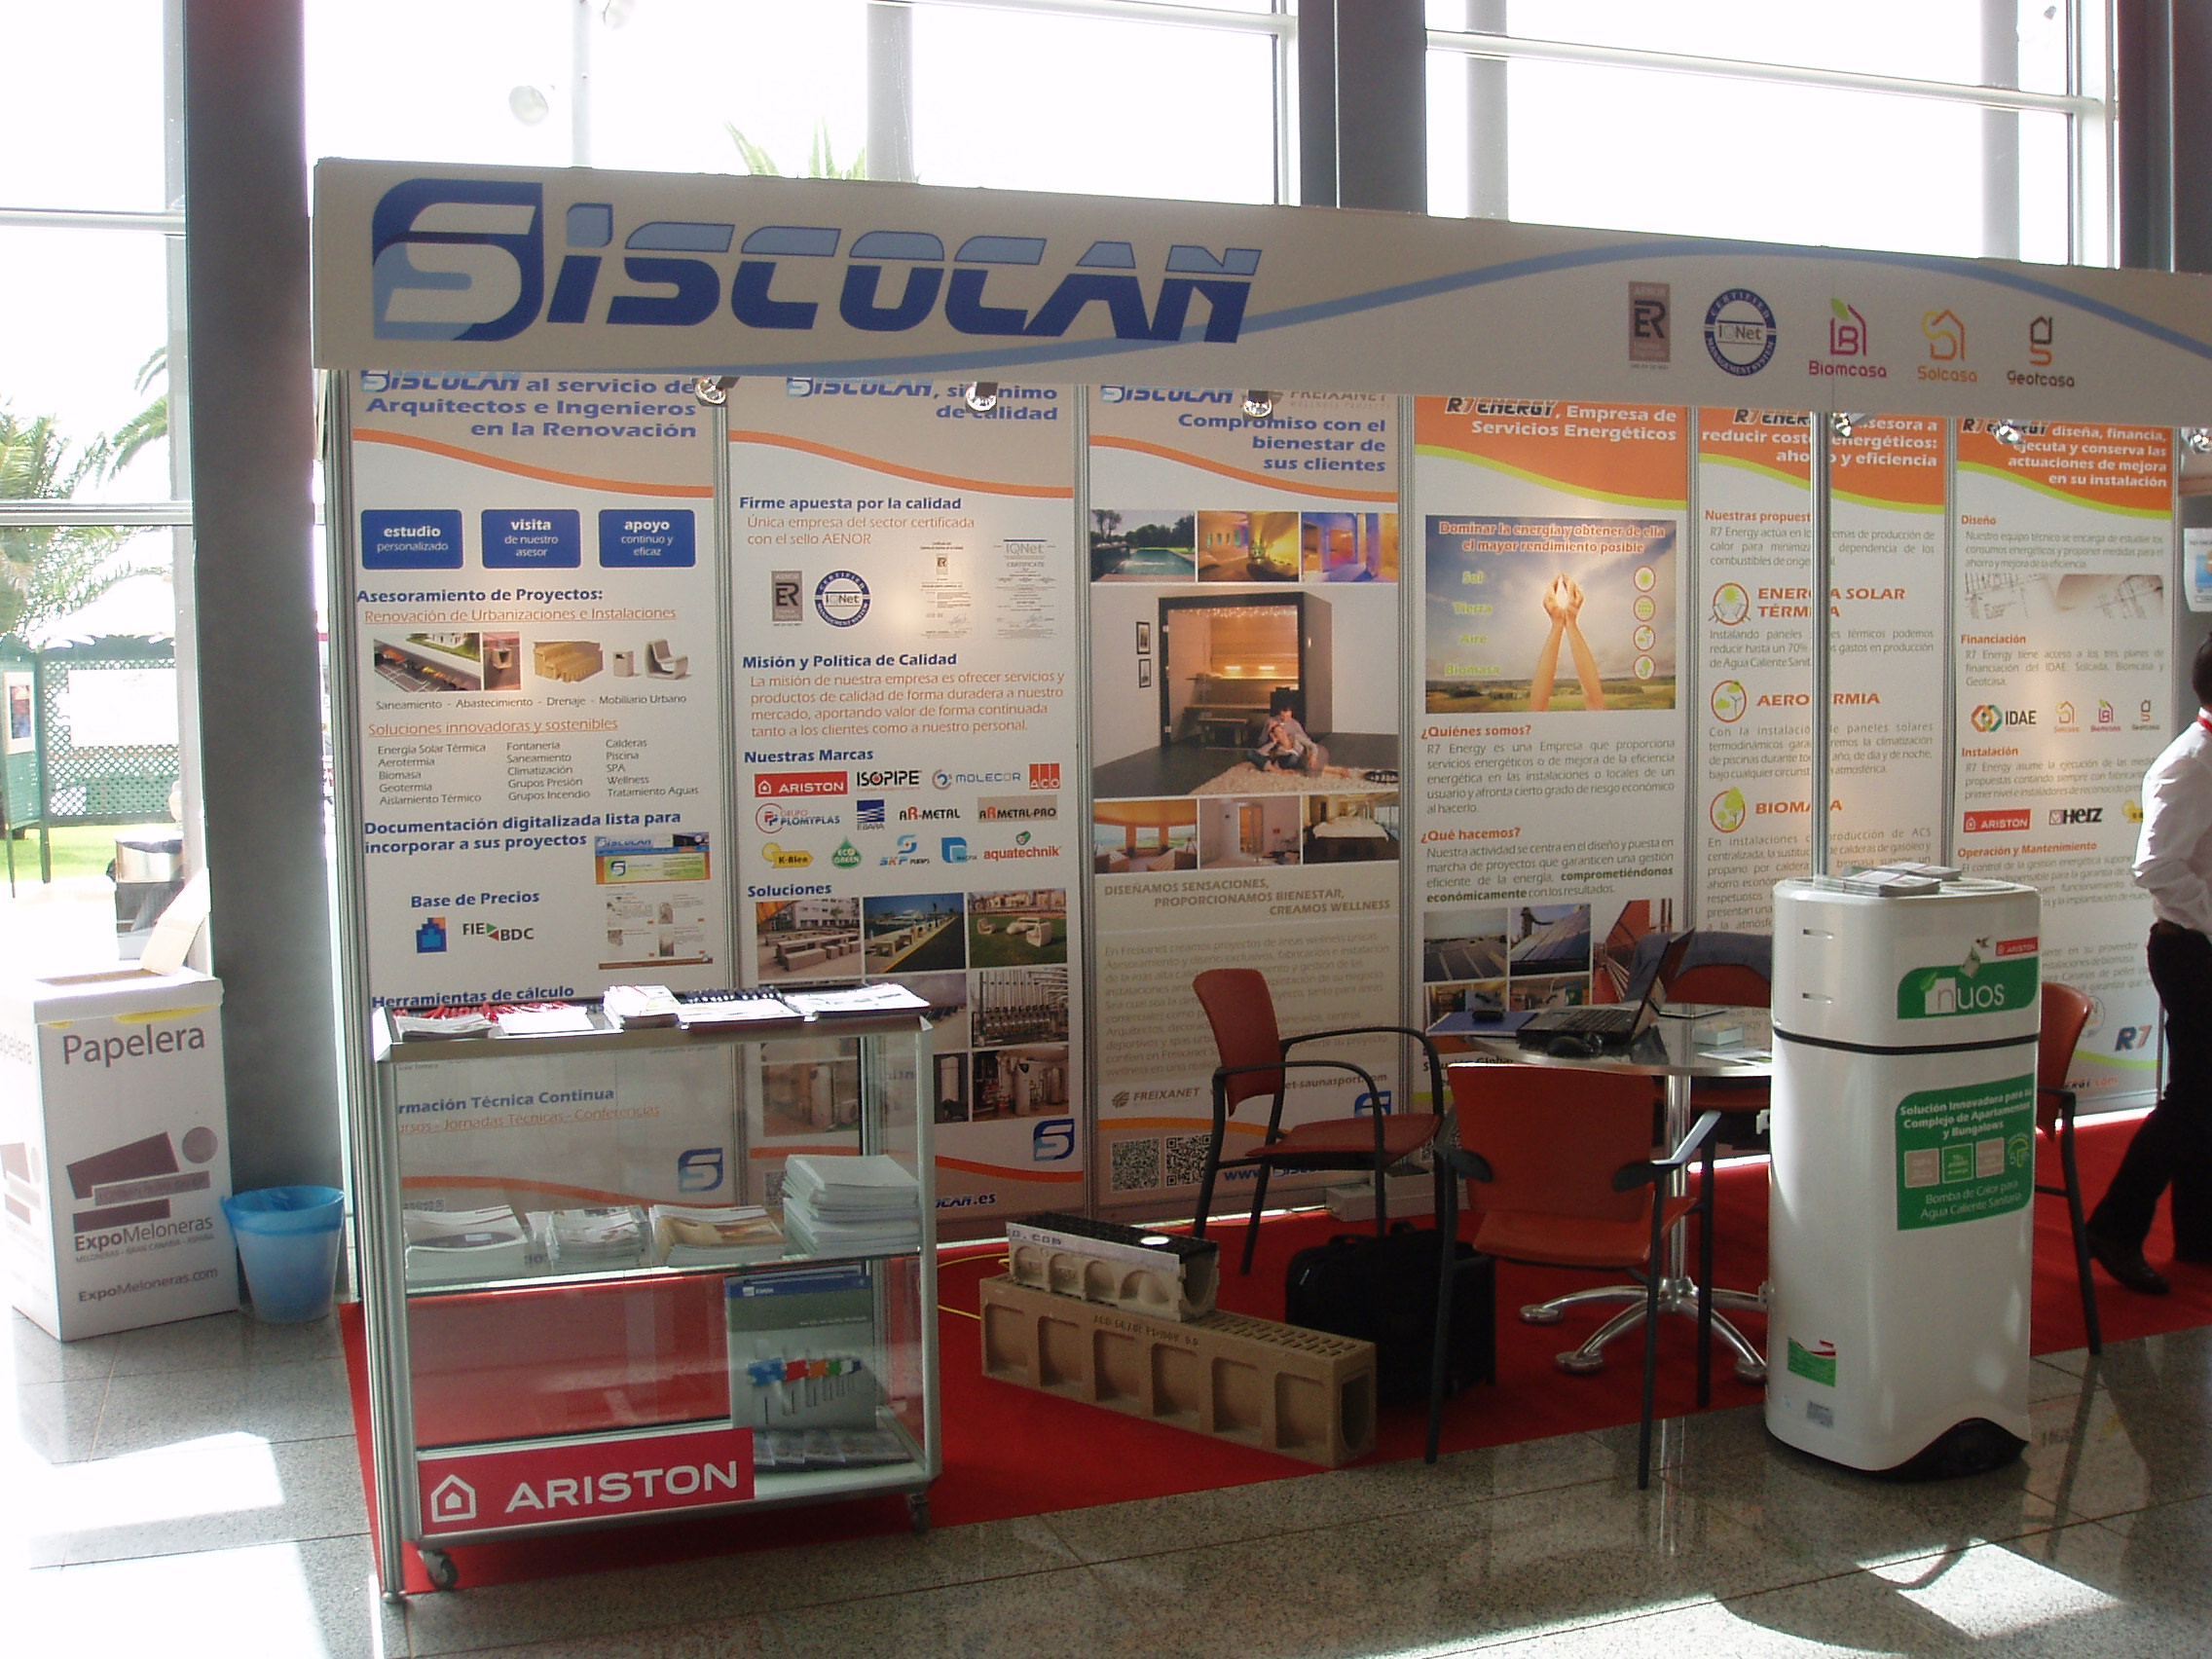 II Salón de la renovación Expo Meloneras 2012